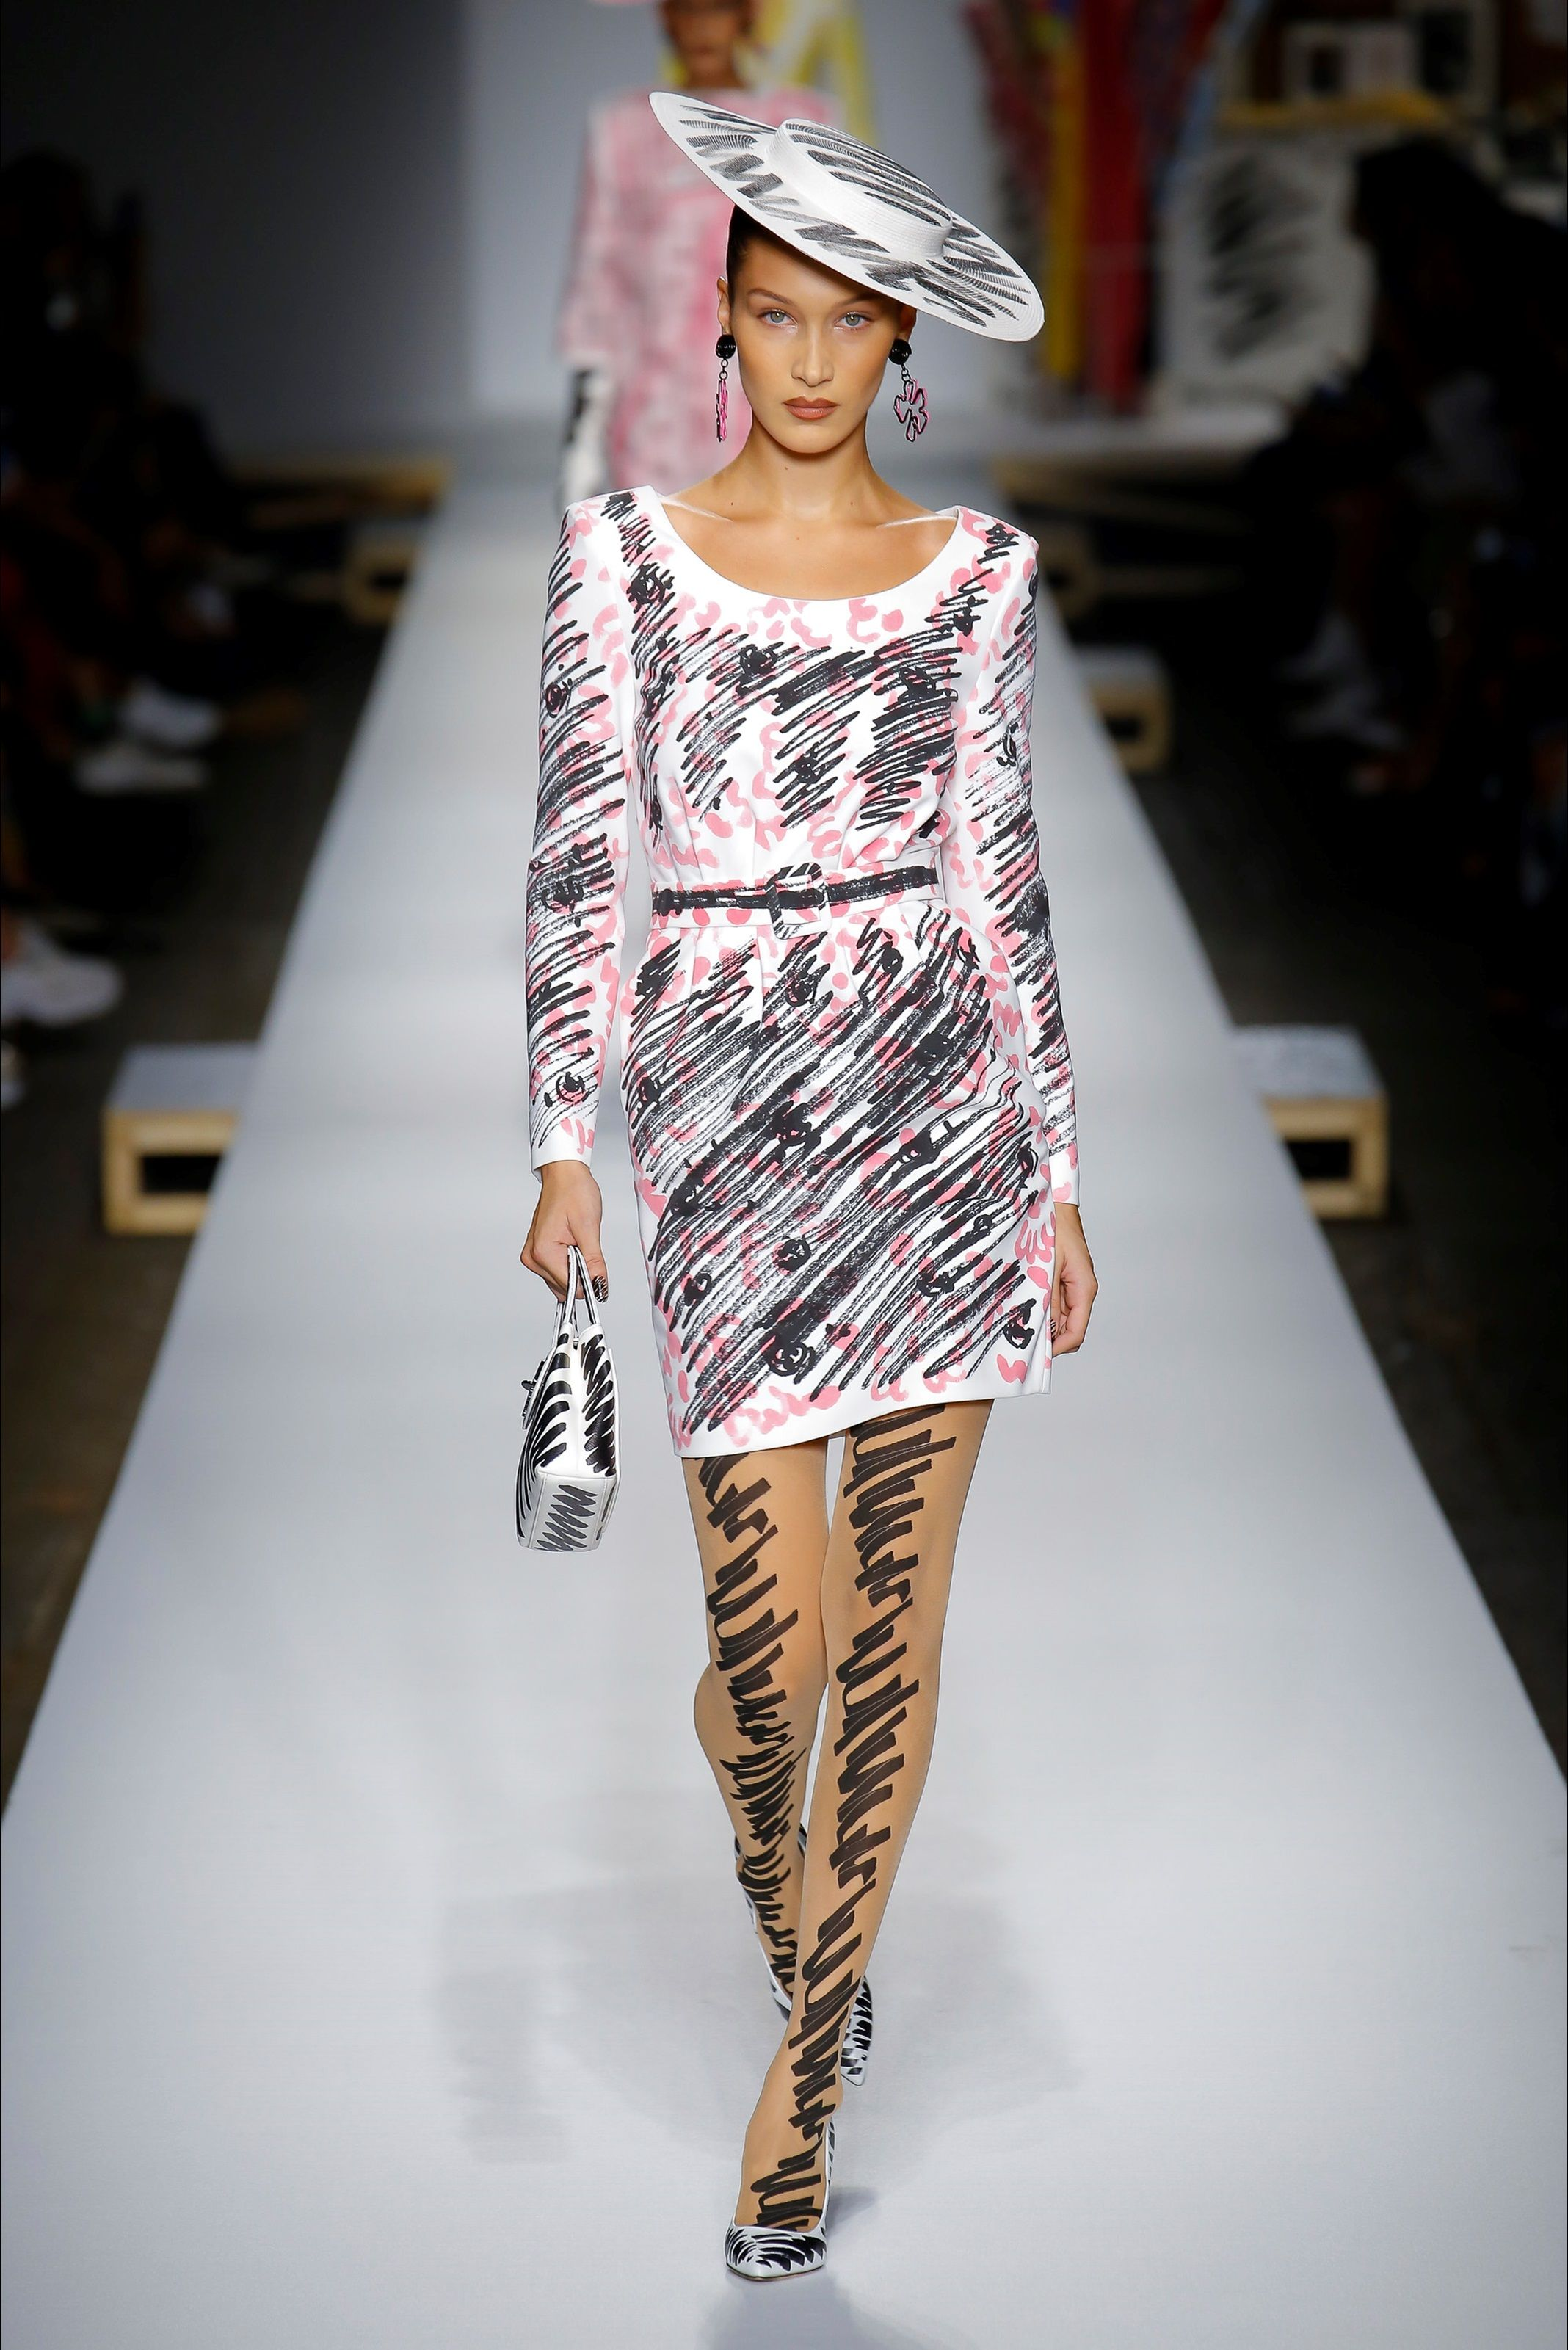 81429ea2e7 Sfilata Moschino Milano , Collezioni Primavera Estate 2019 , Vogue Moda  Primaverile, Abiti Alla Moda ...